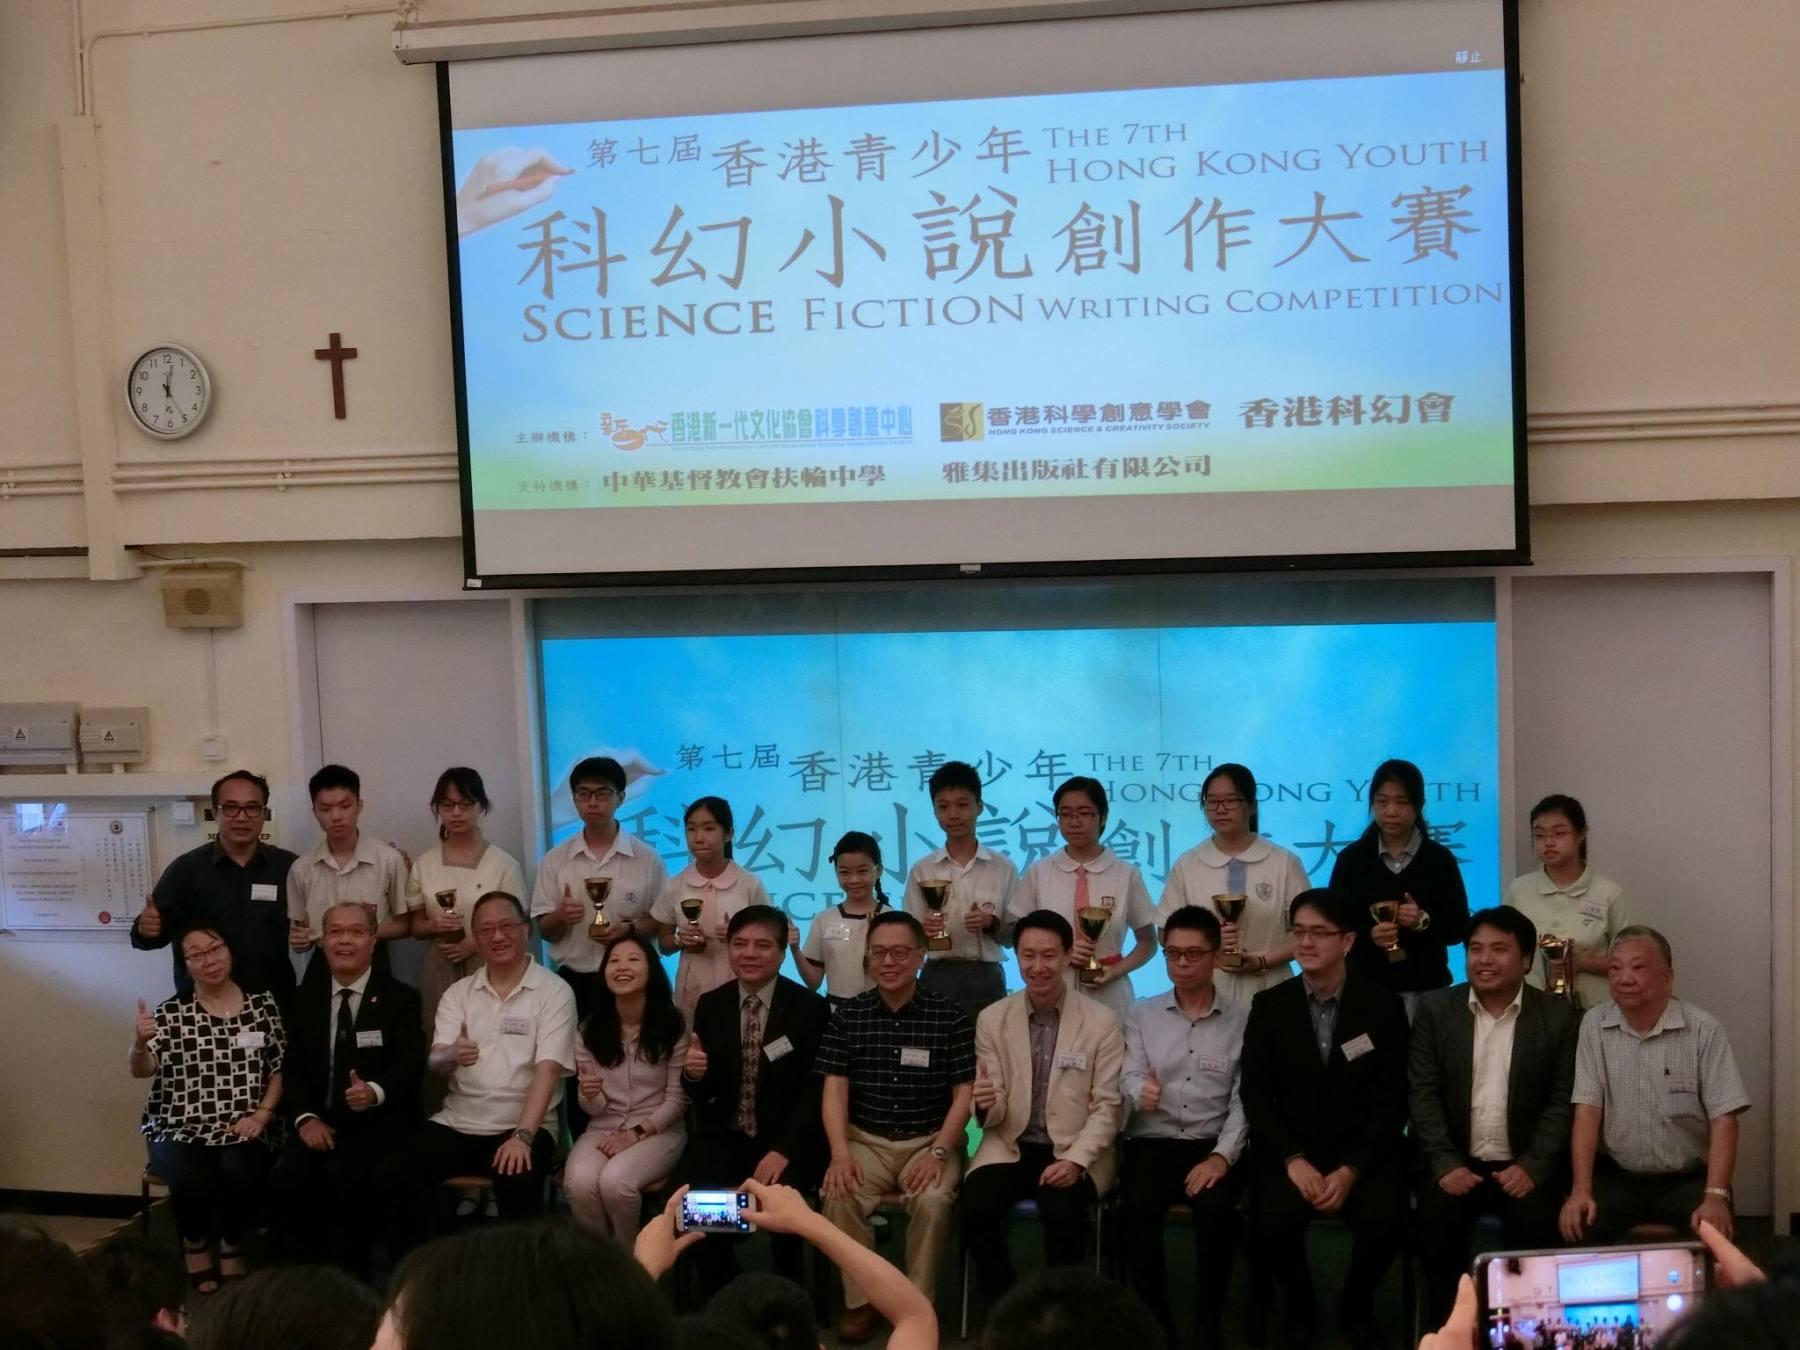 http://npc.edu.hk/sites/default/files/35077652_10216051546982153_7380547040683491328_n.jpg